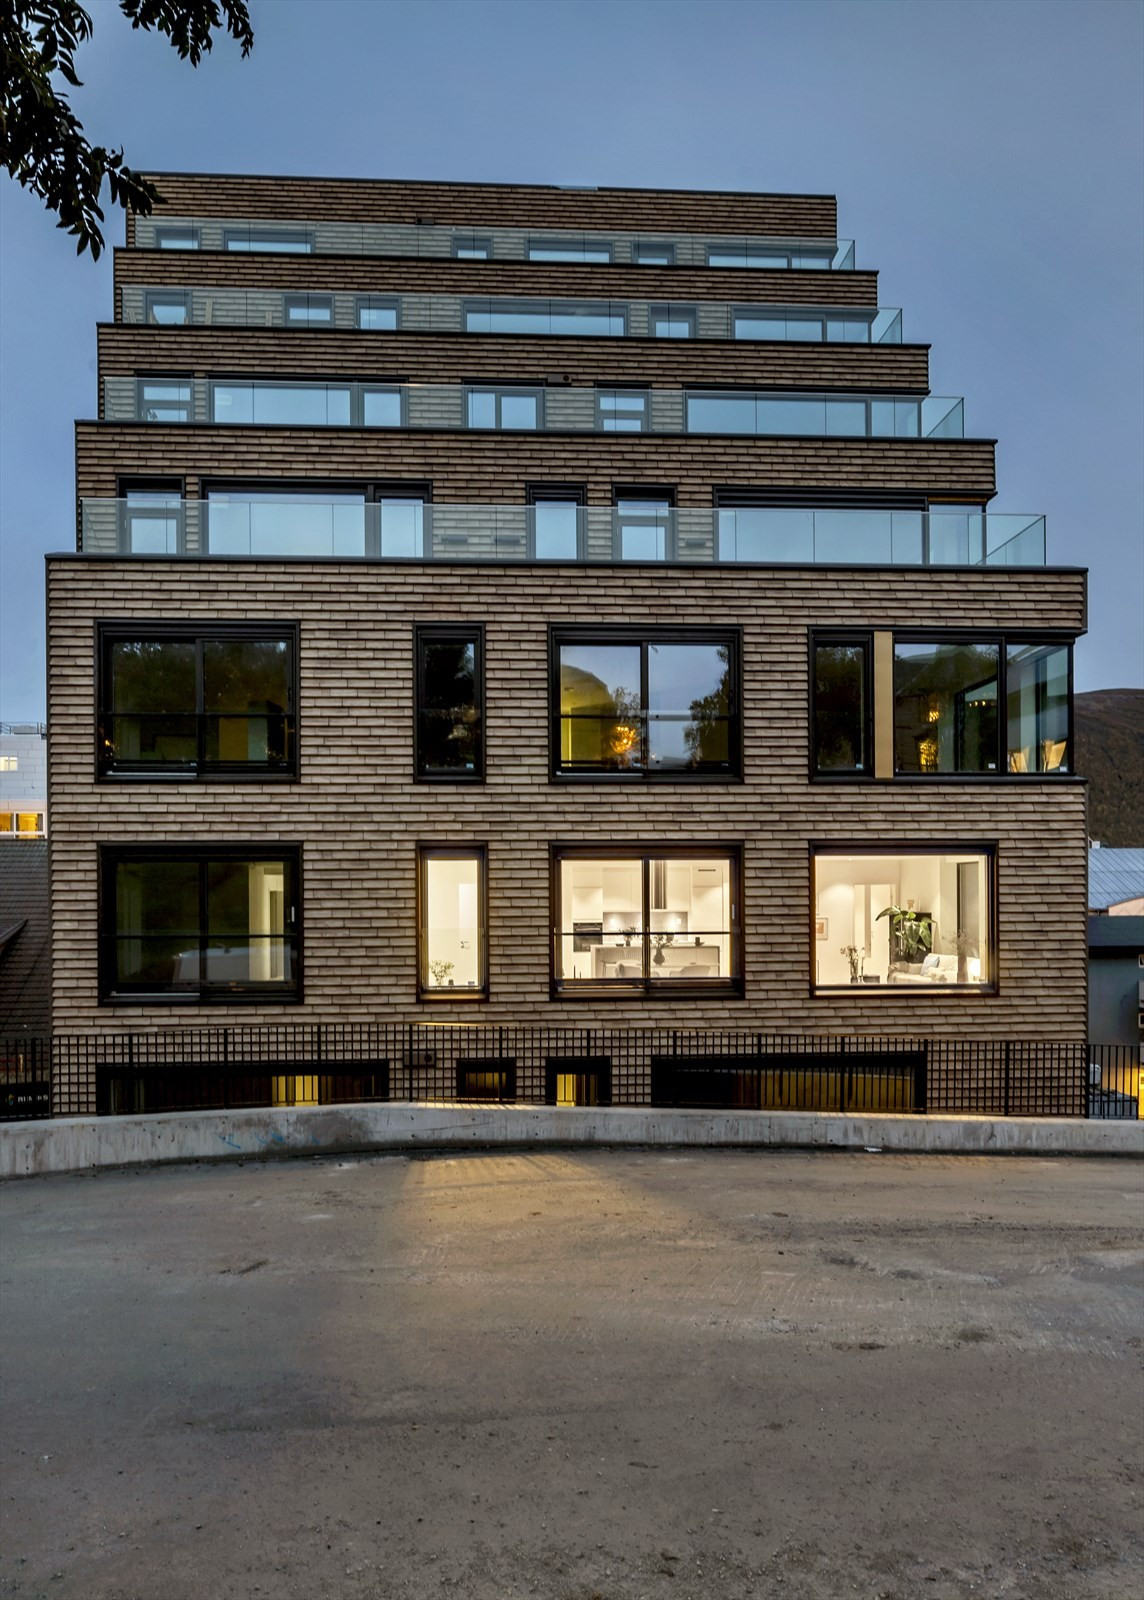 Vakkert teglsteins fasade i kvelds skumring - Adressen for beboerne blir Parkgata 15